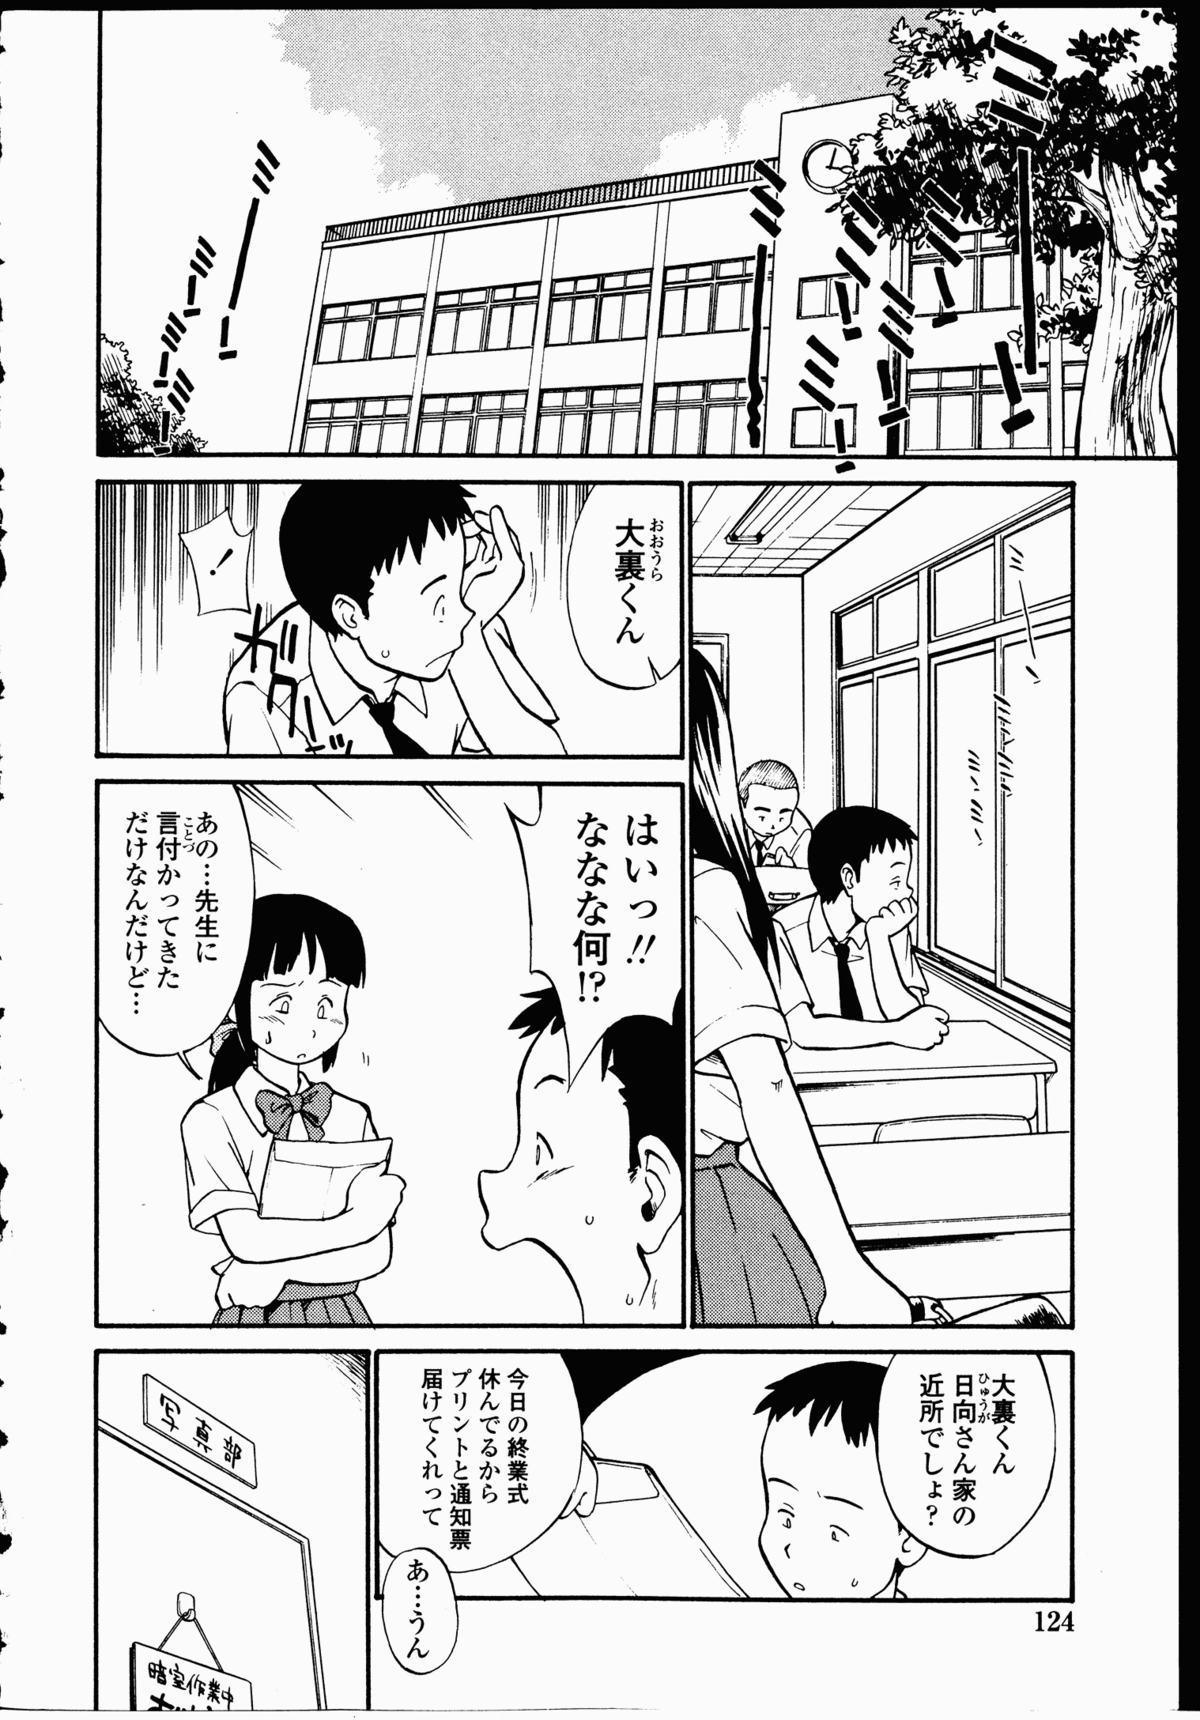 Youen Hyaku Monogatari 122